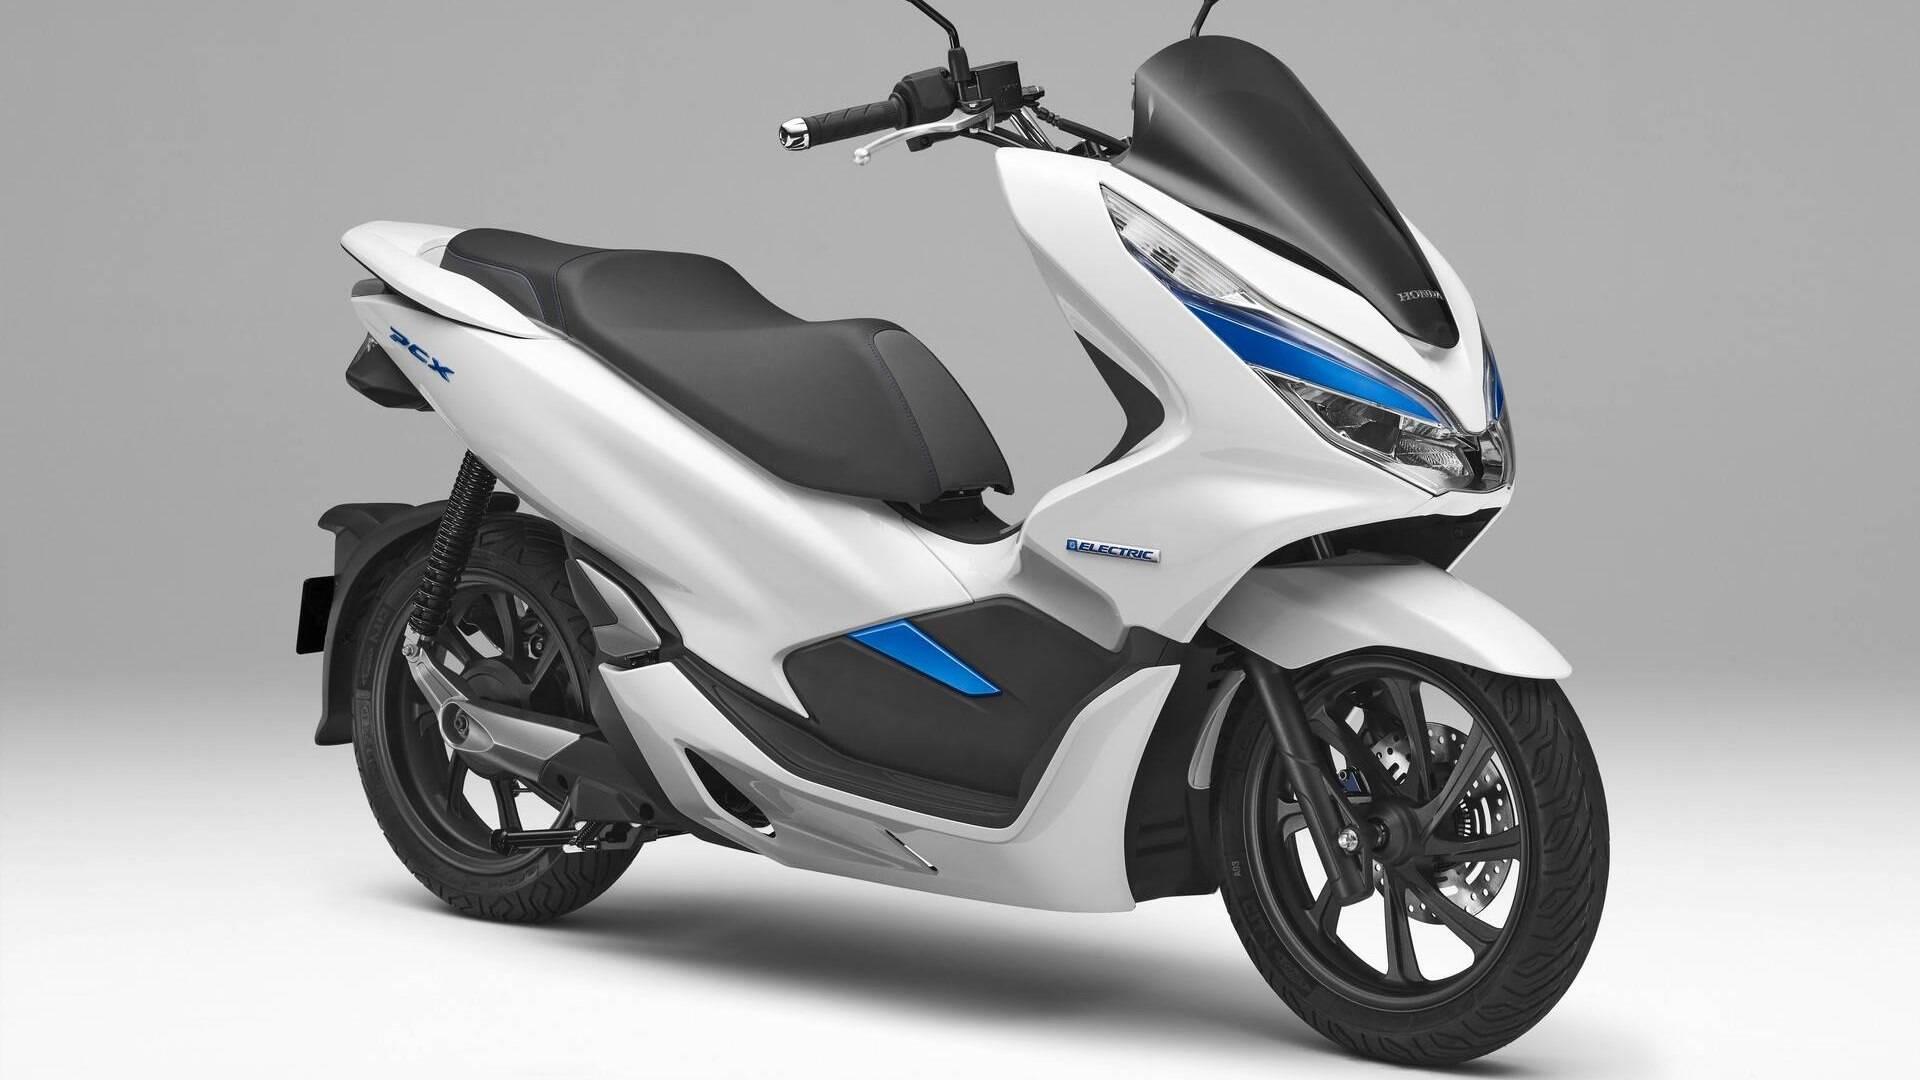 Scooter Honda Pcx Tera Novo Motor Vtec Em 2021 Mais Economico E Mais Potente Motos Ig